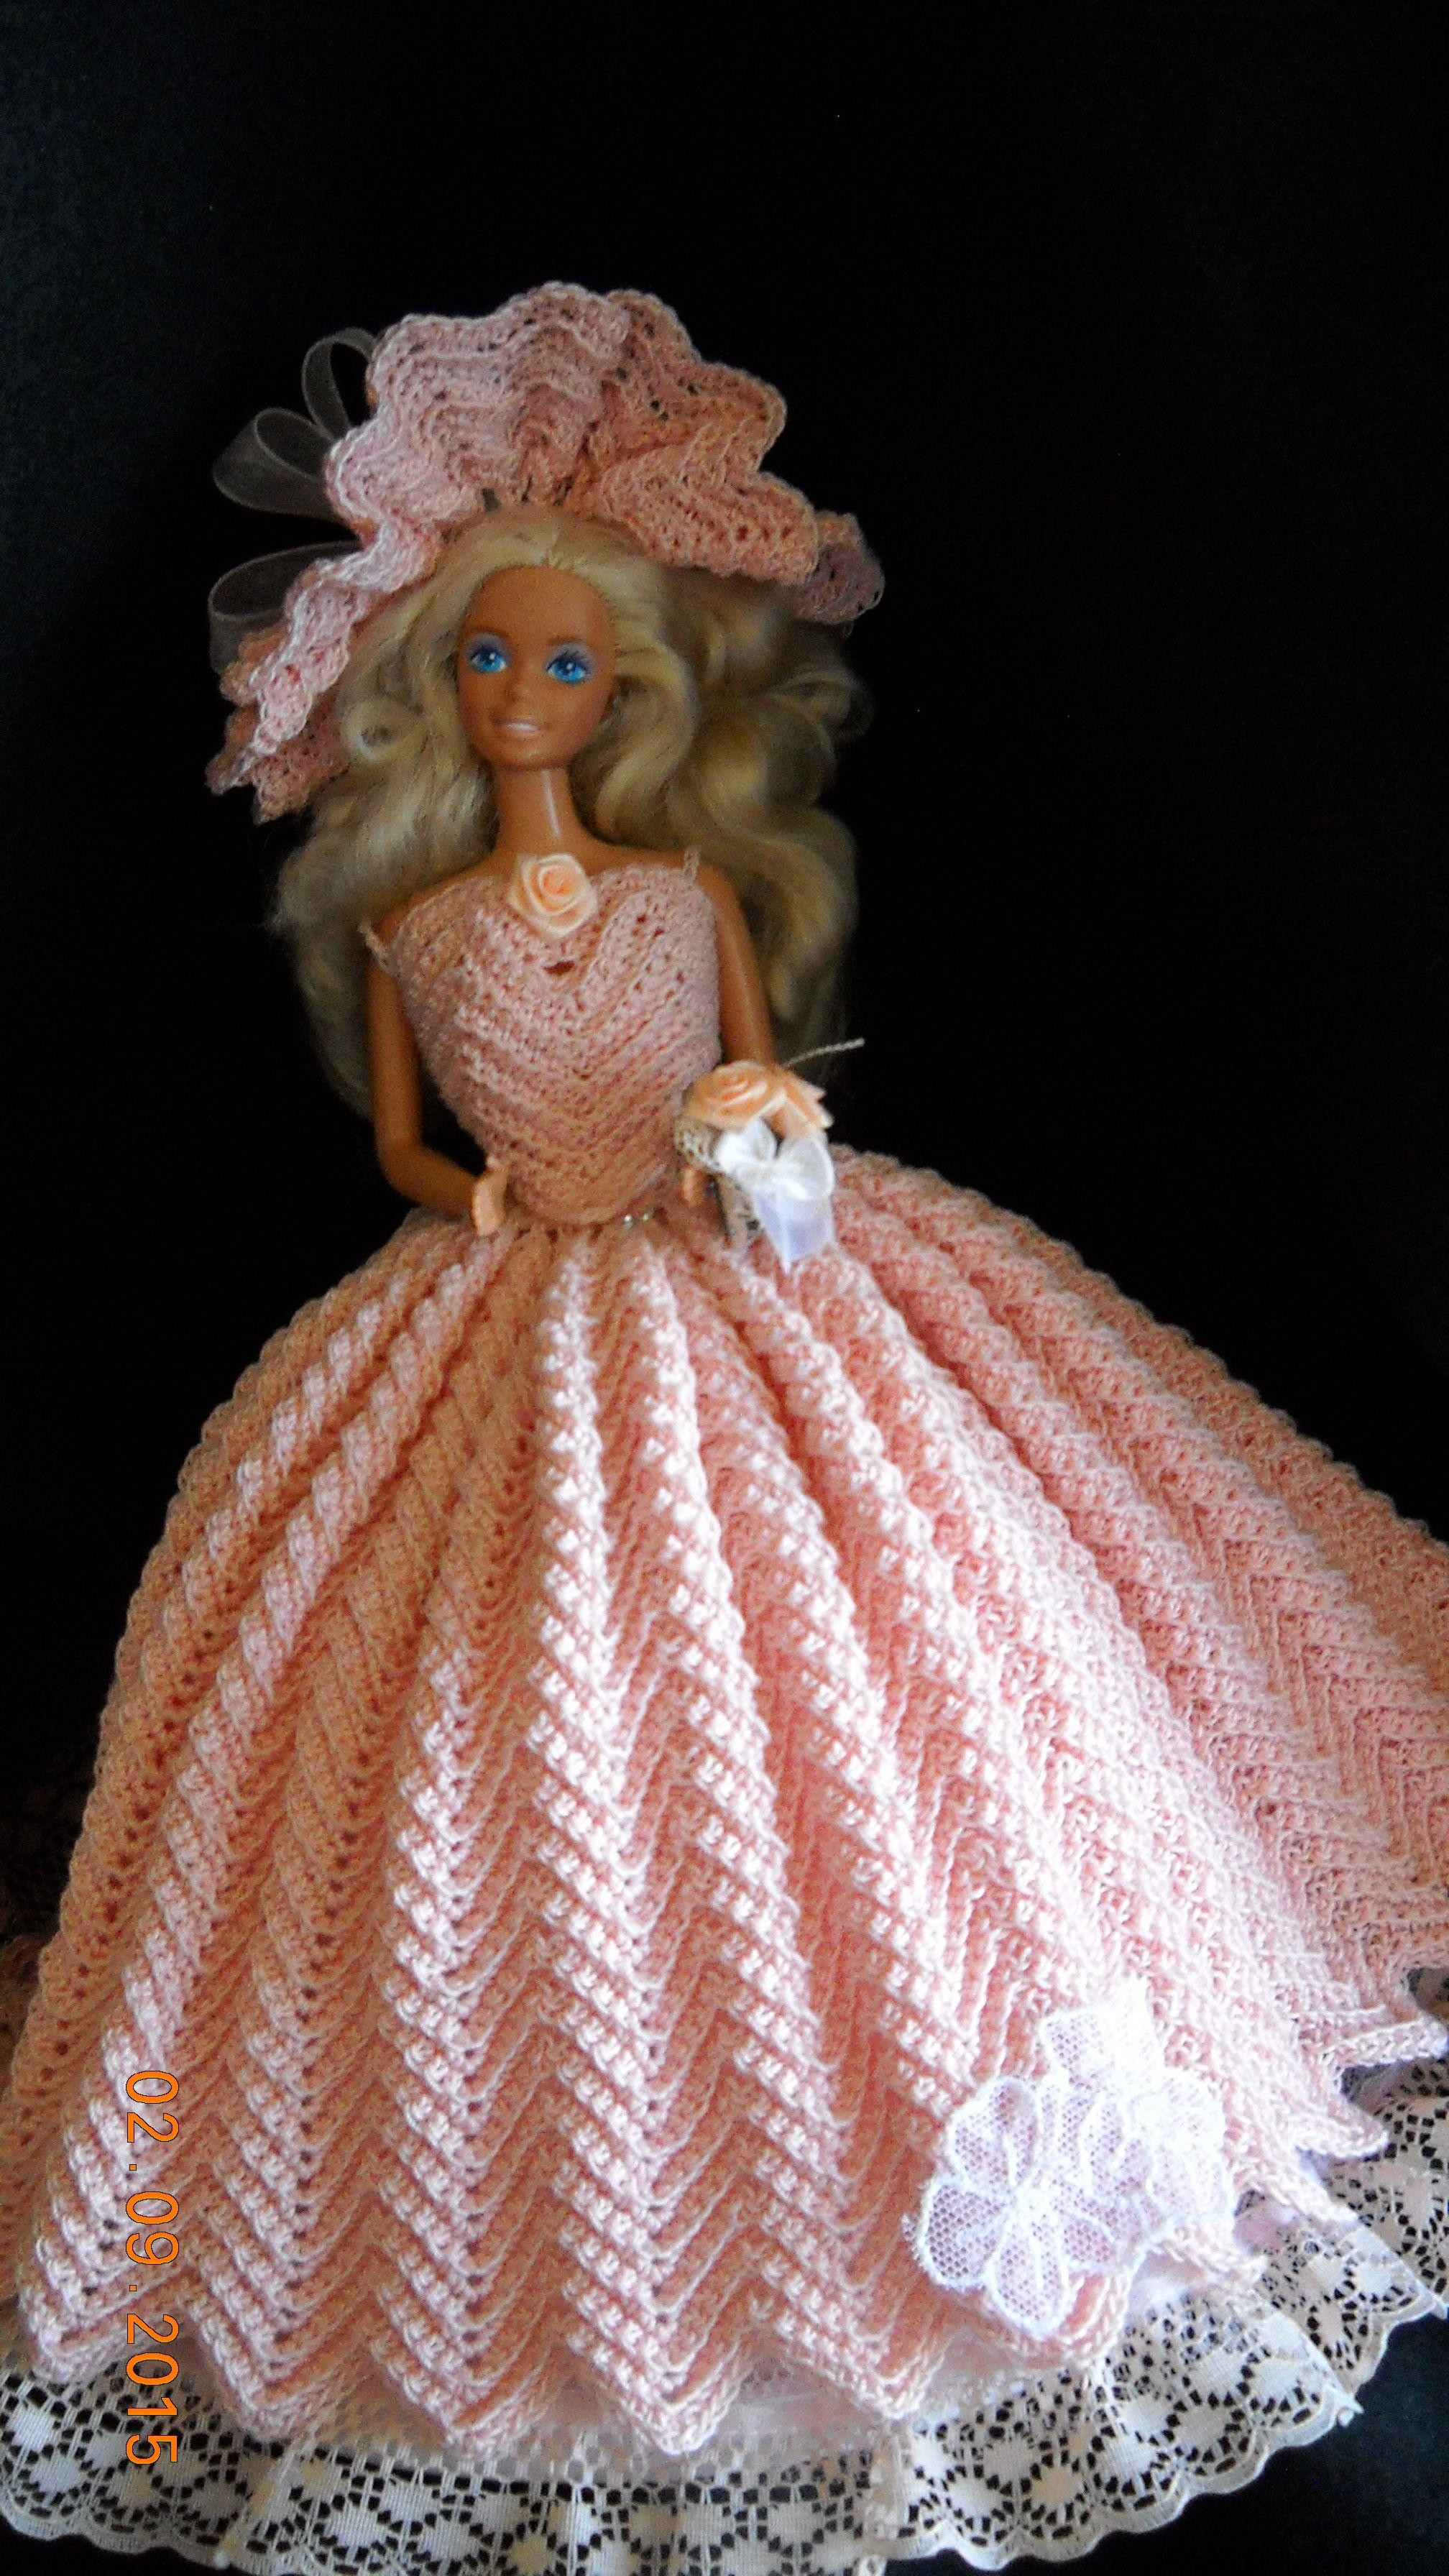 Pin von Vera Jones auf Crocheted things | Pinterest | Puppe und ...